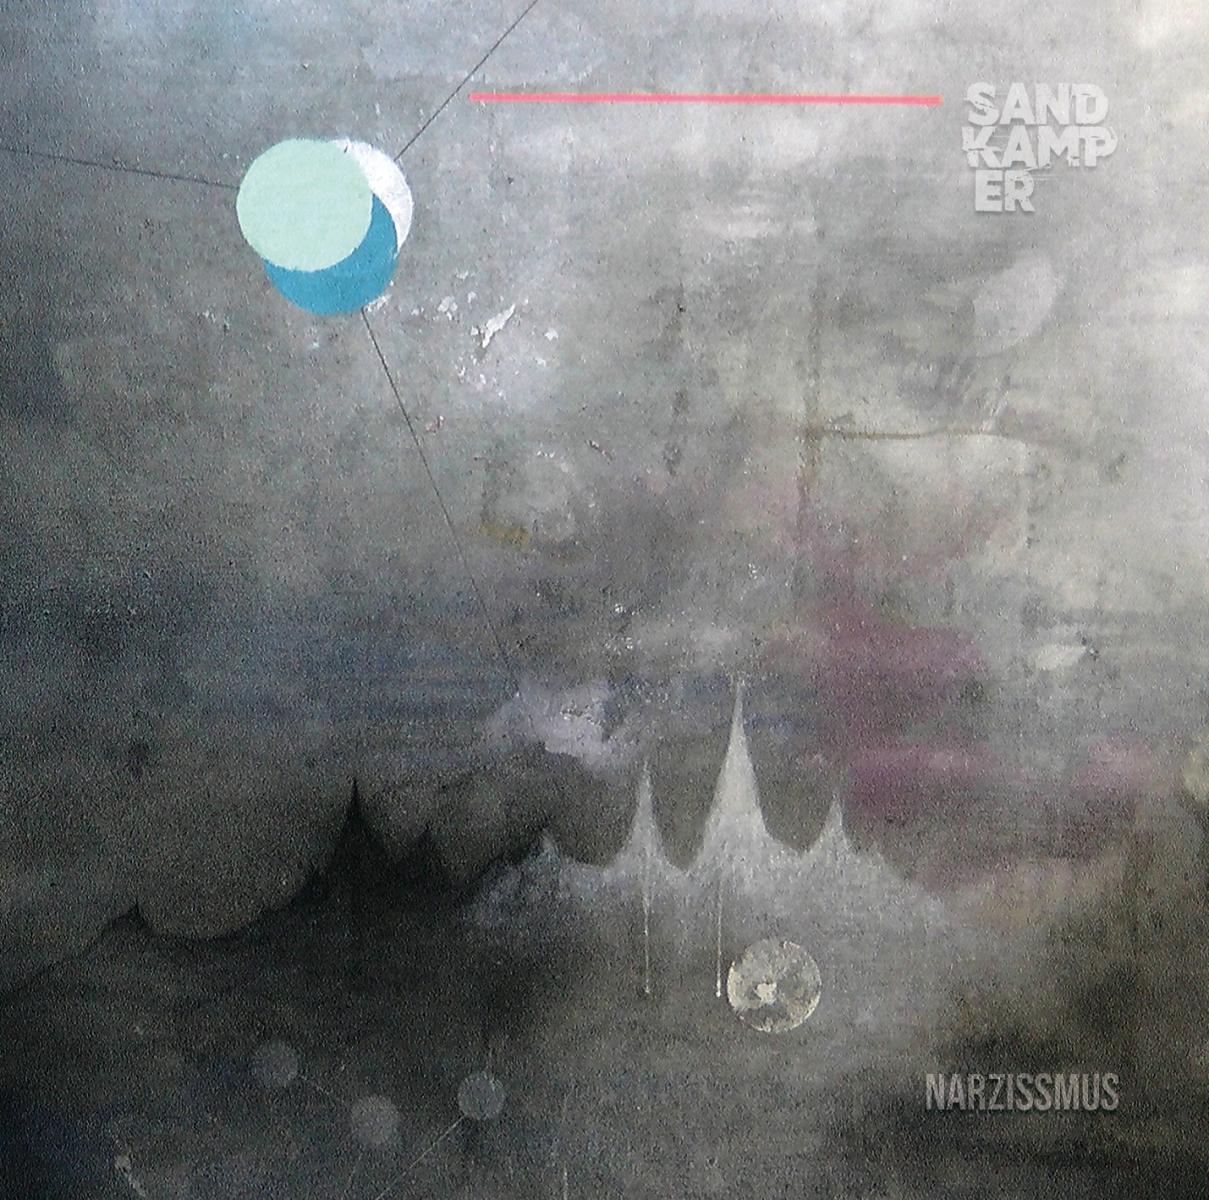 sandkamper-narzissmus-ein-beachtliches-werk-ep-review